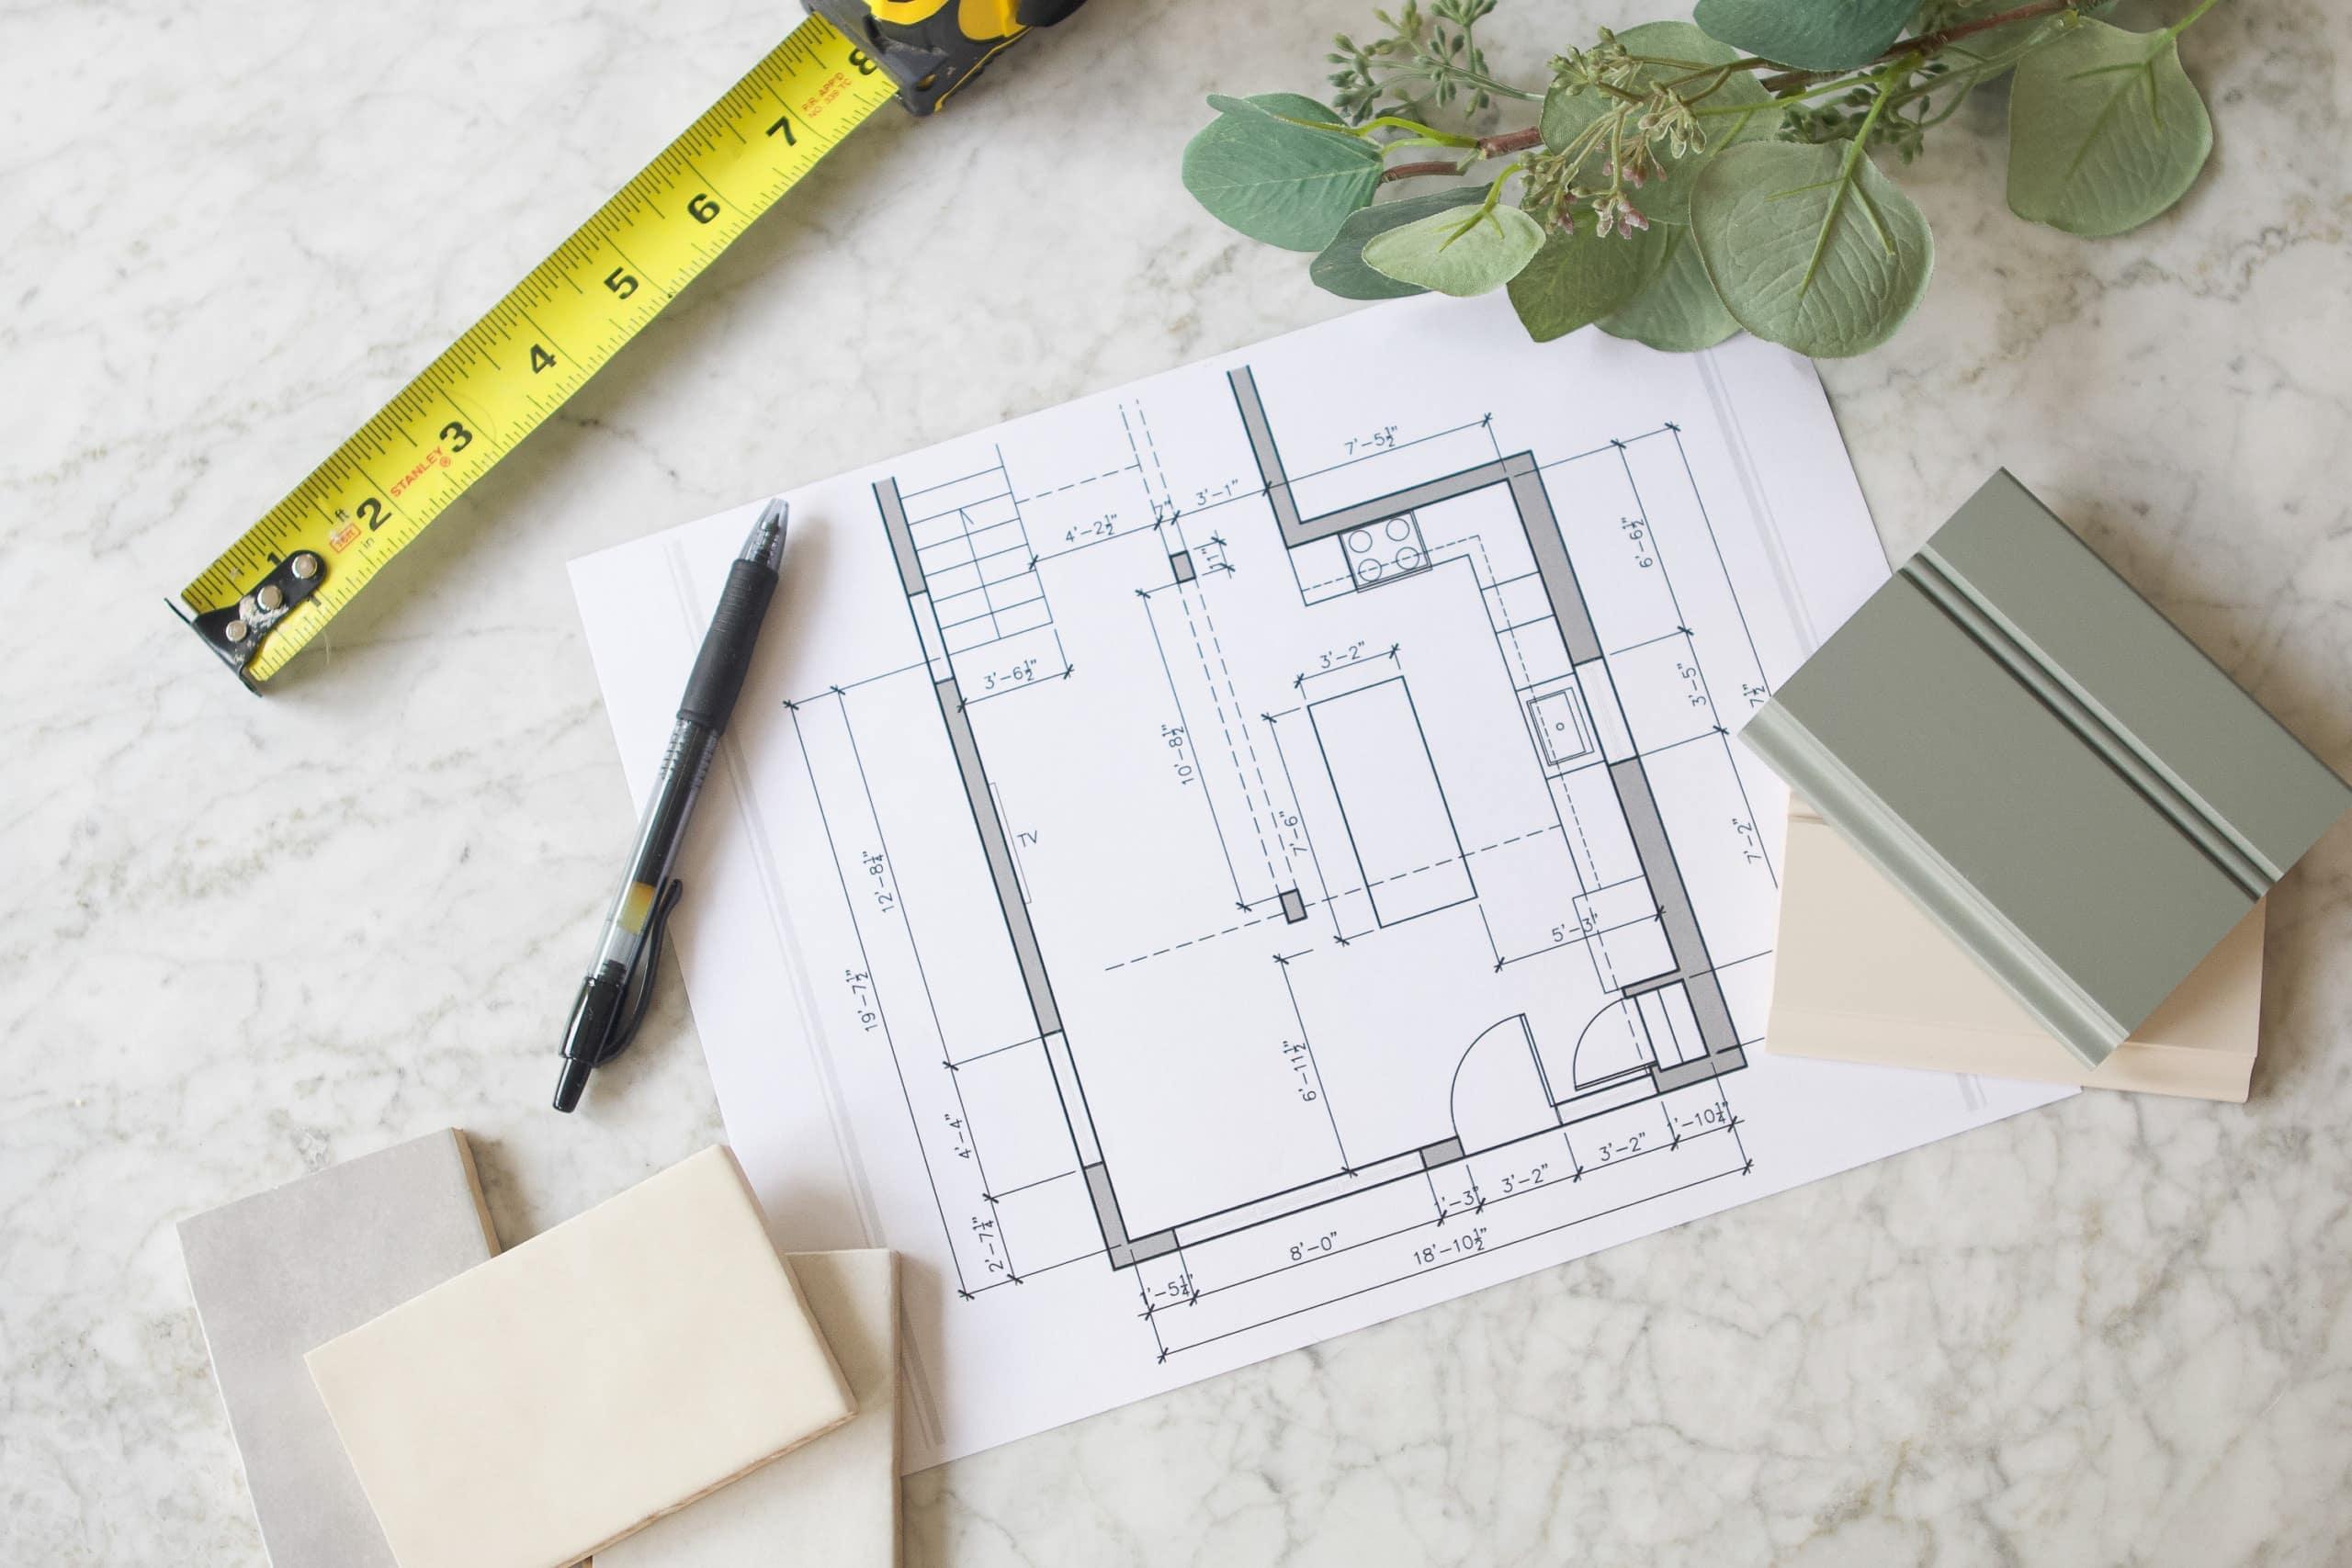 When should you hire a kitchen designer?